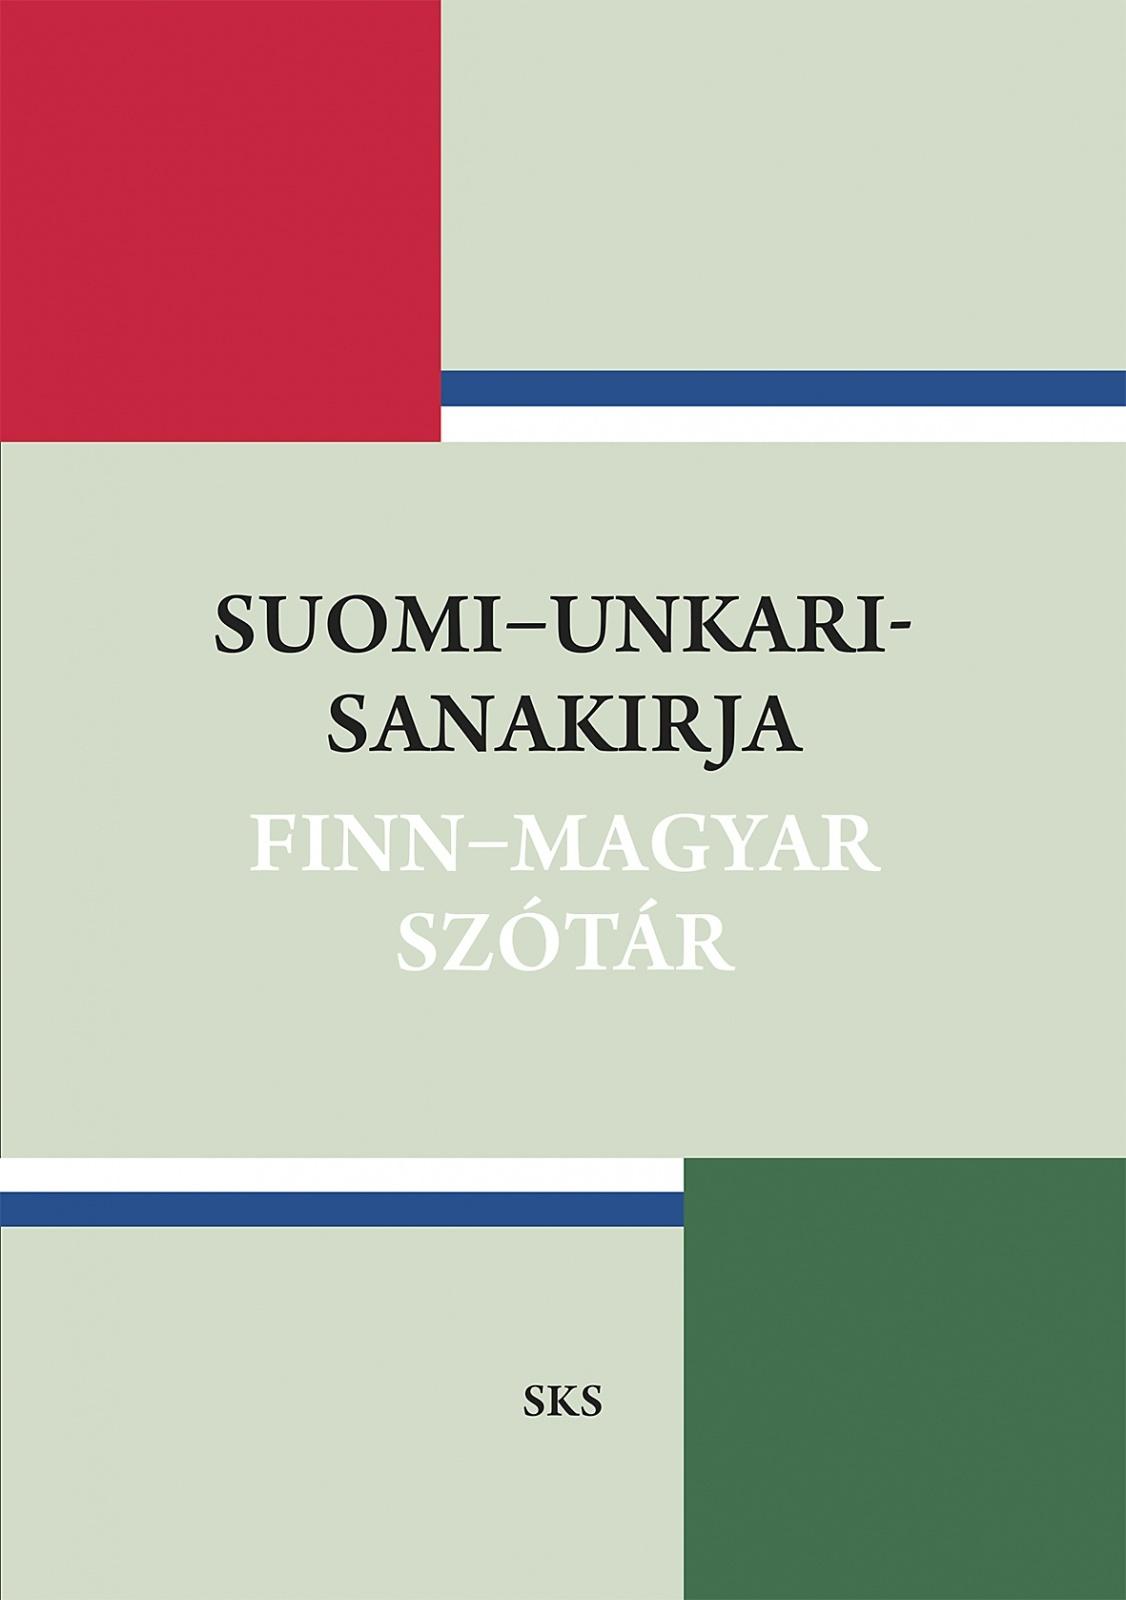 Unkari Suomi Sanakirja